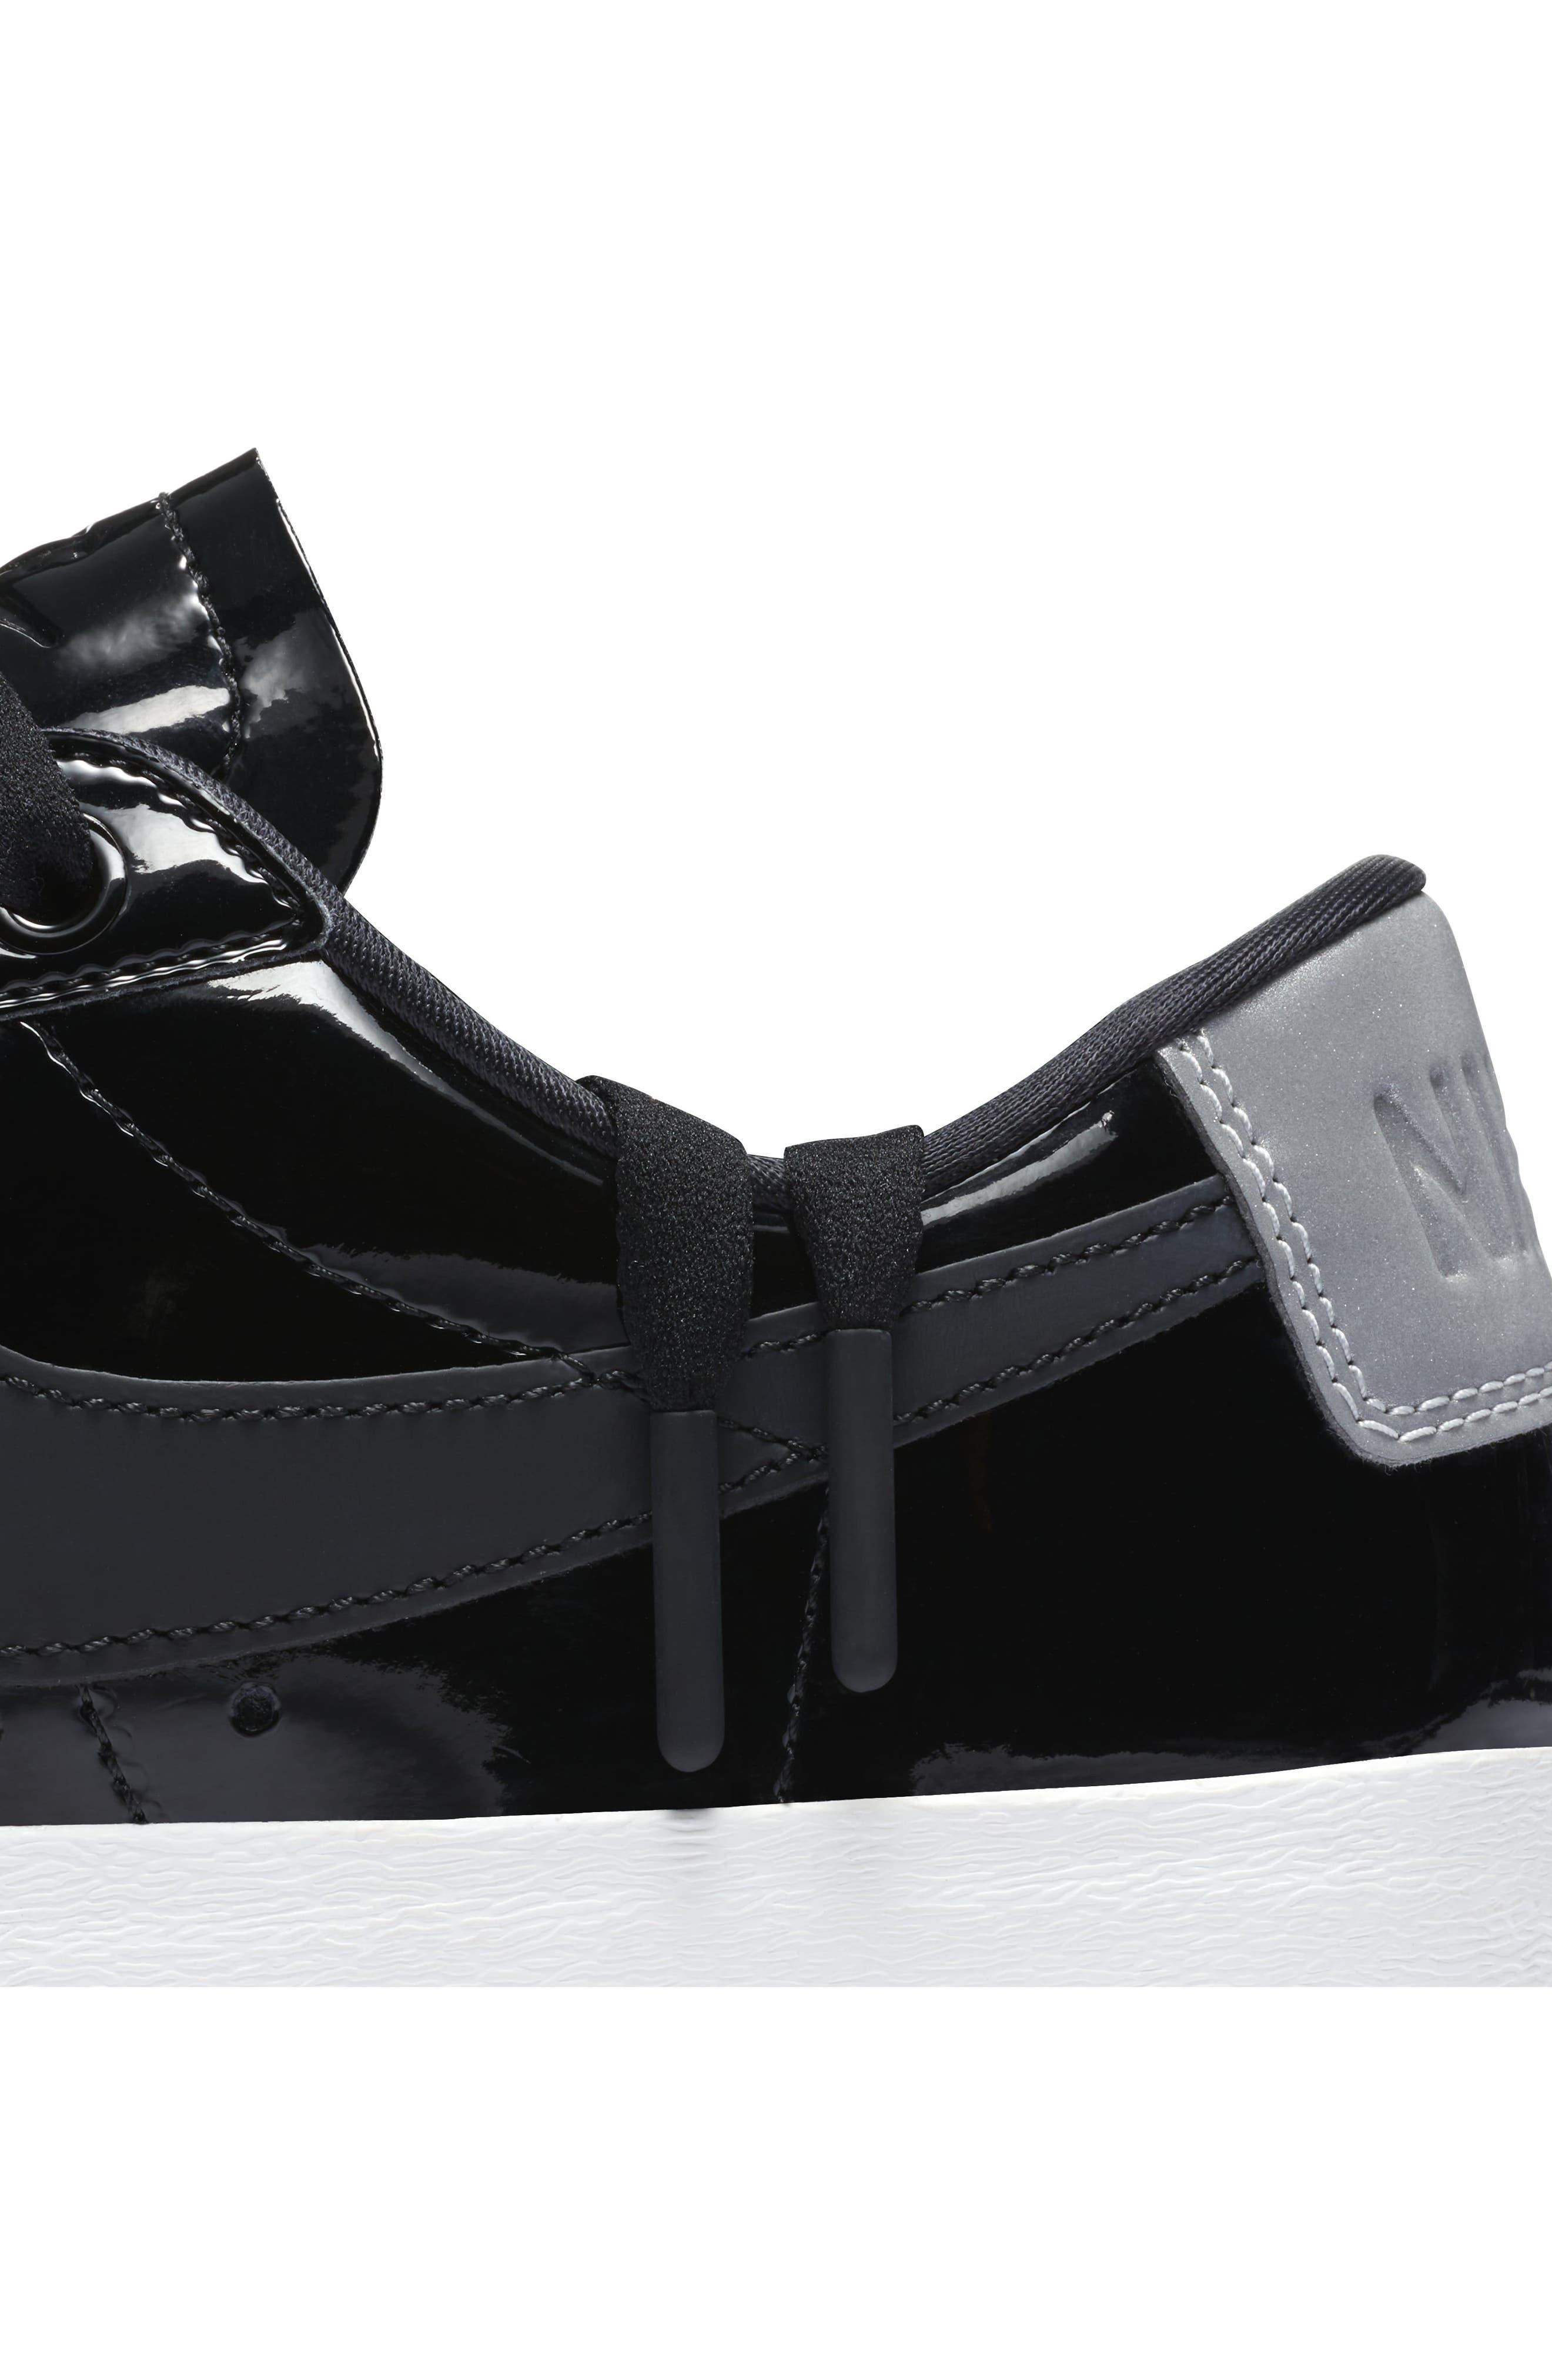 Blazer Low Top Sneaker SE,                             Alternate thumbnail 7, color,                             Black/ Black Reflect Silver